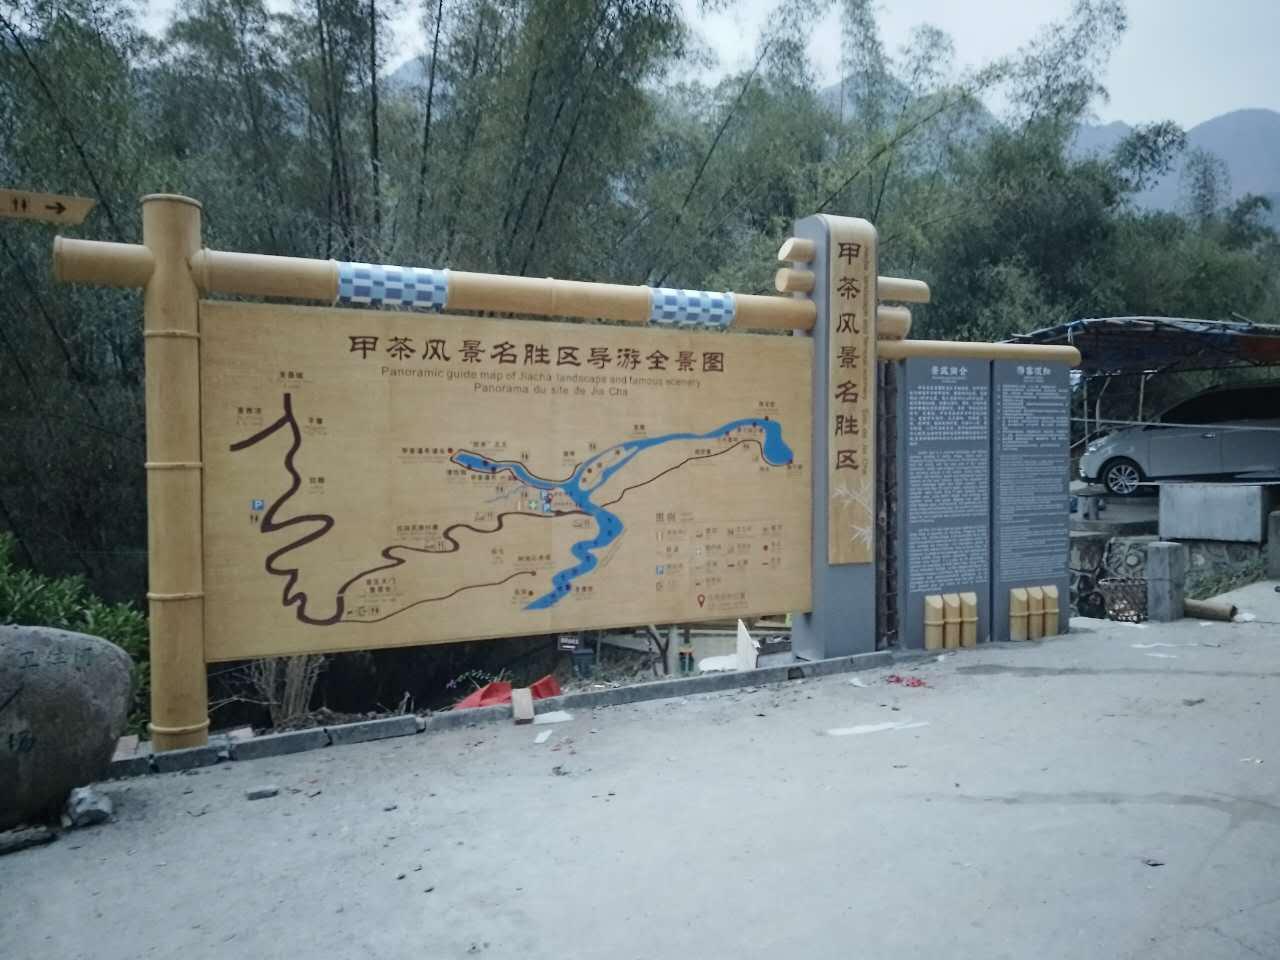 贵州甲茶标识导视系统规划设计制作安装_旅游景区导视